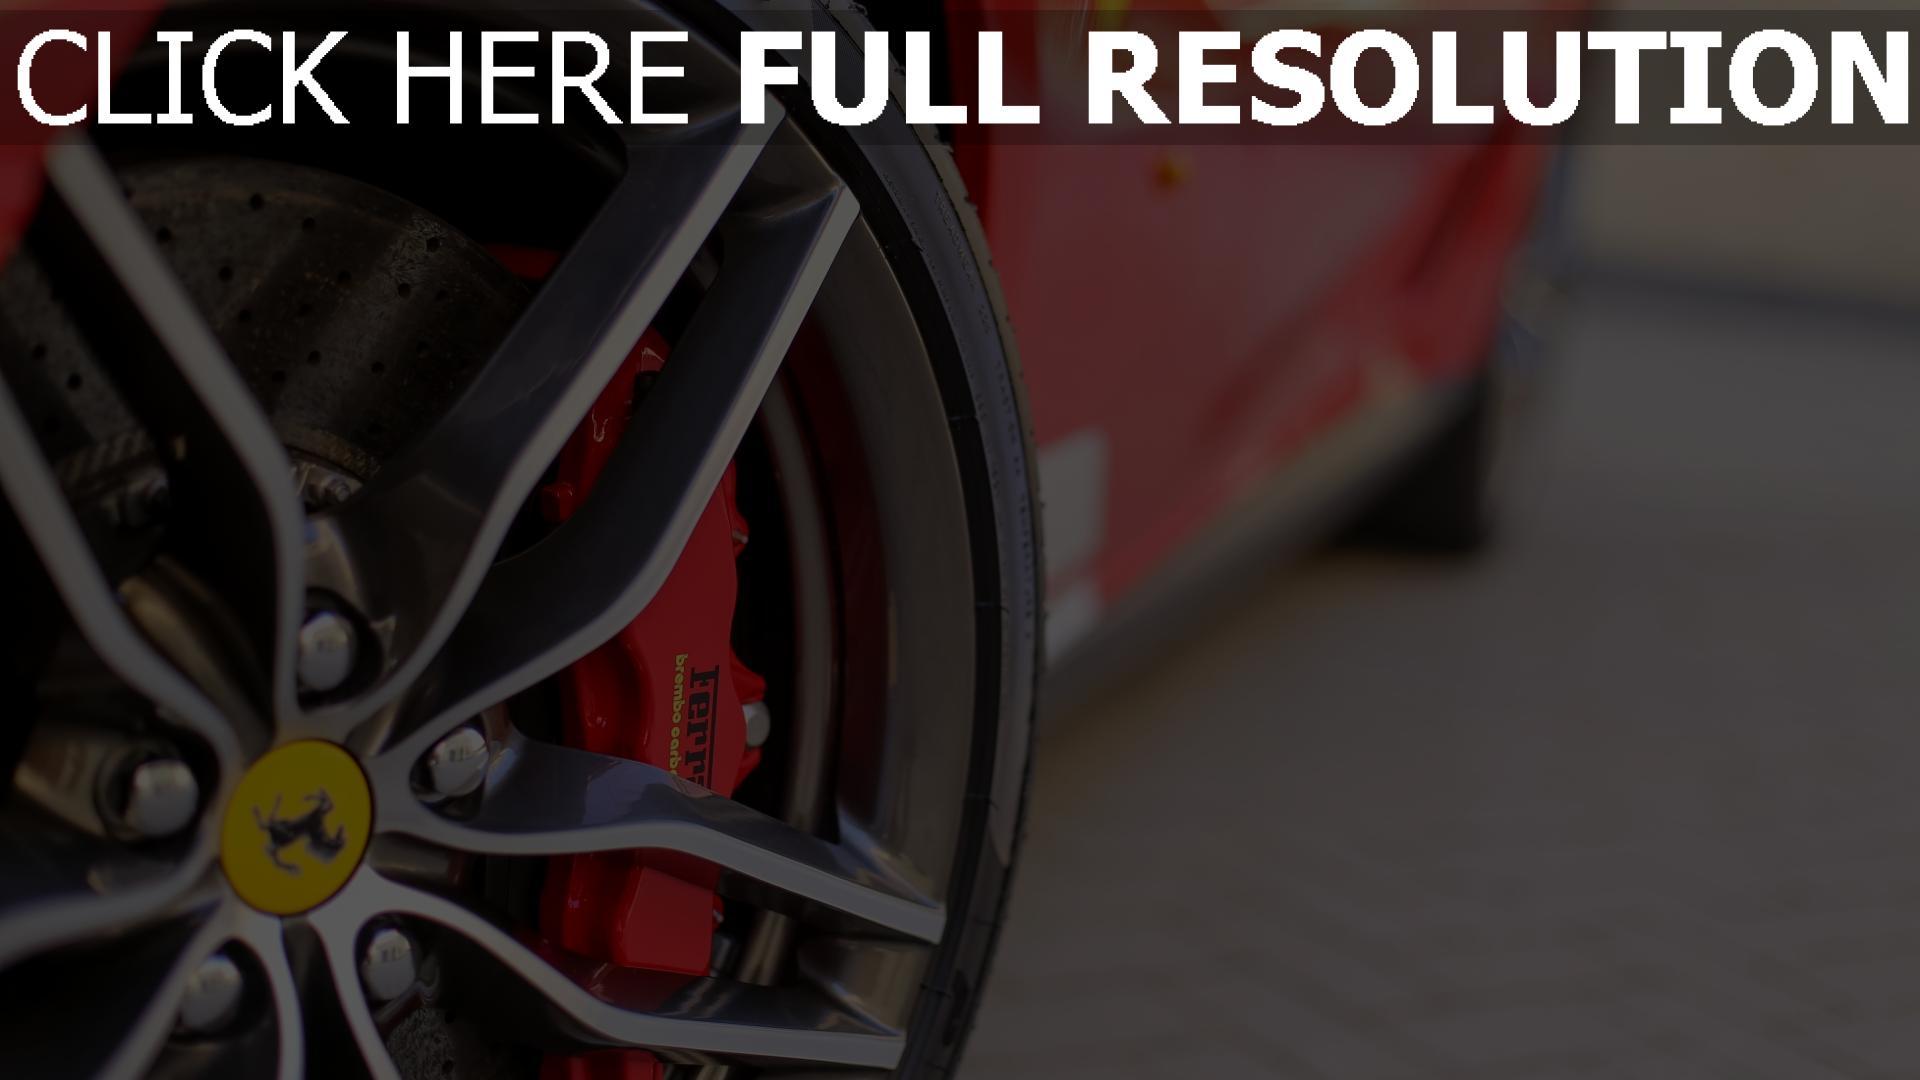 Hd Hintergrundbilder Ferrari Reifen Logo Rad Desktop